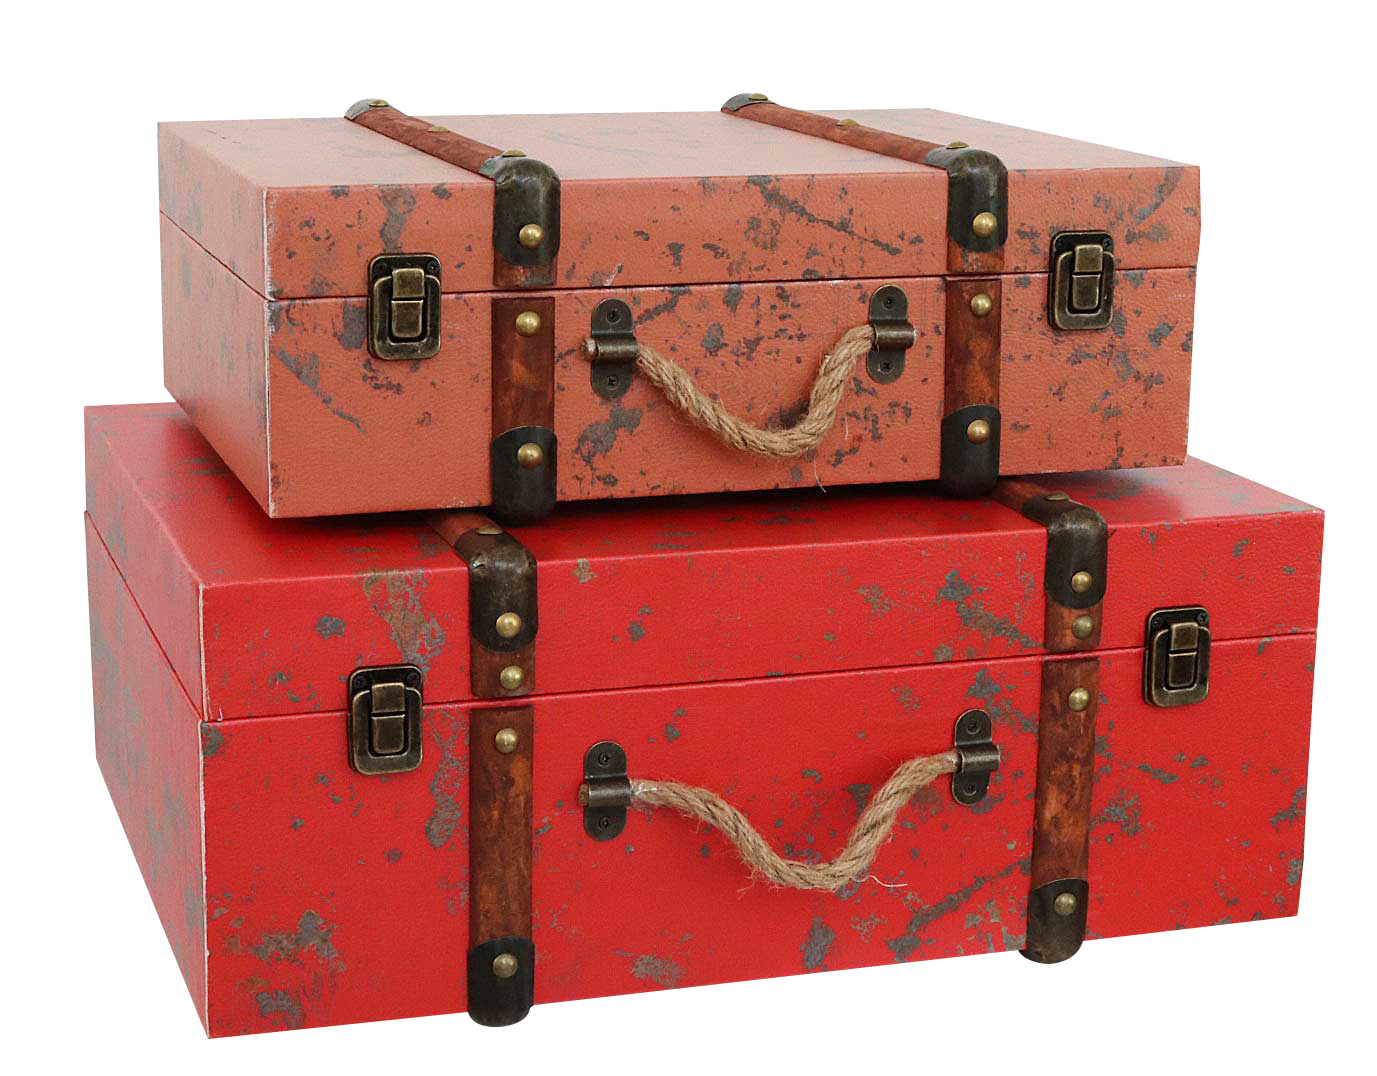 2x Koffer Box Kiste antik Stil Holz Kosmetikbox Eifelturm Schatzkiste Truhen